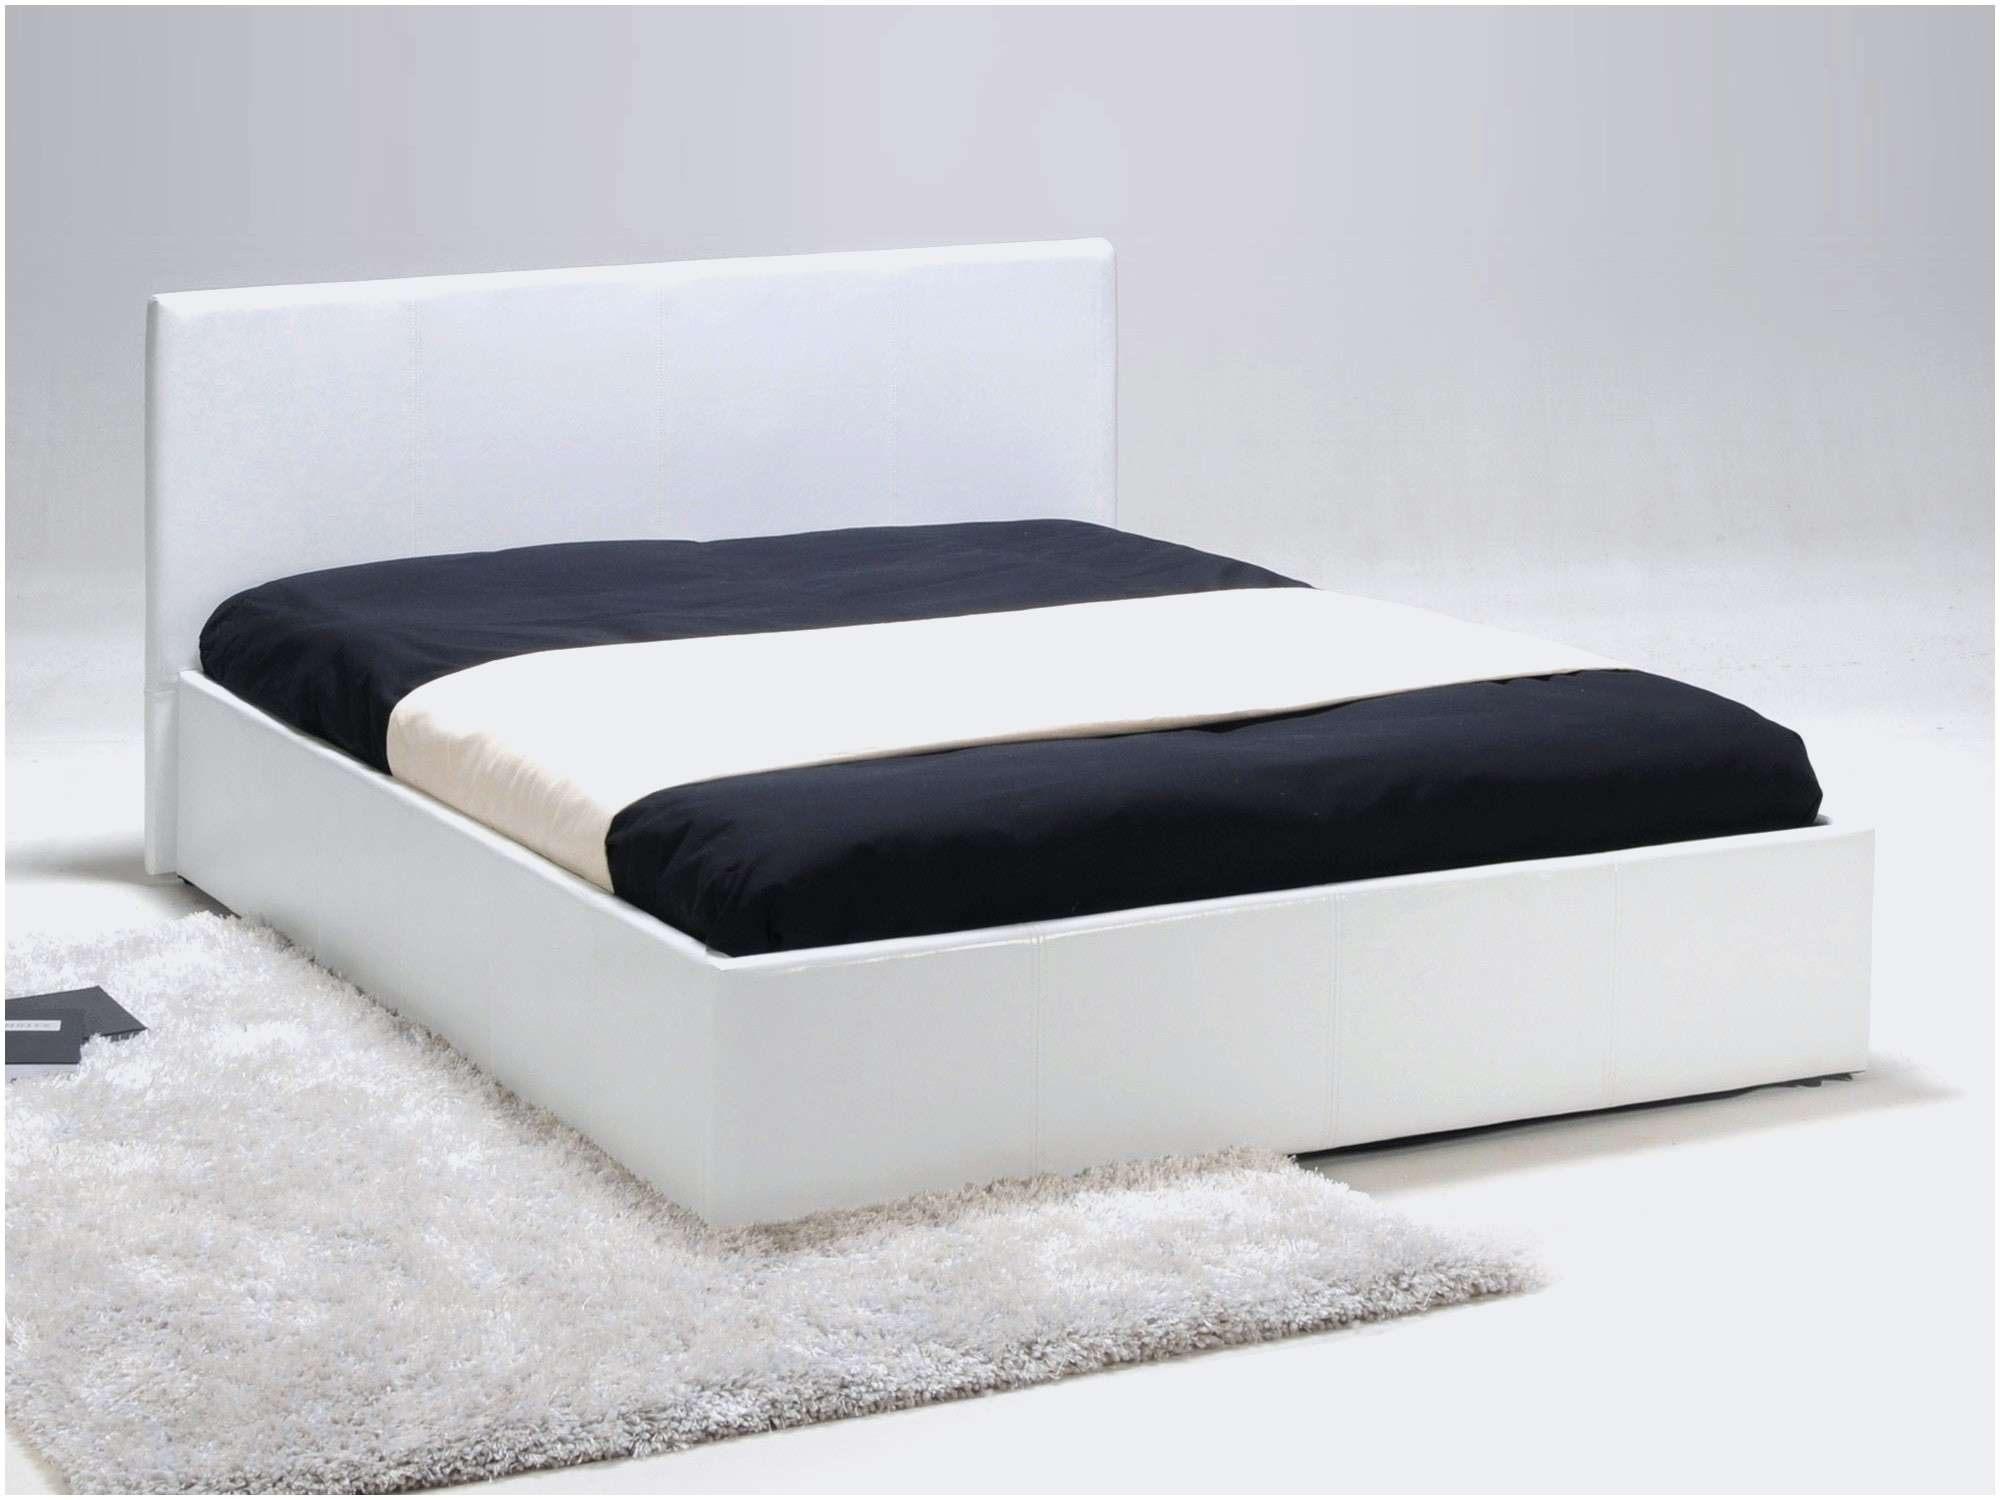 Lit Cododo Ikea Douce Unique Lit Blanc 140—200 Tete De Lit A Housser Cdiscount Drap Housse